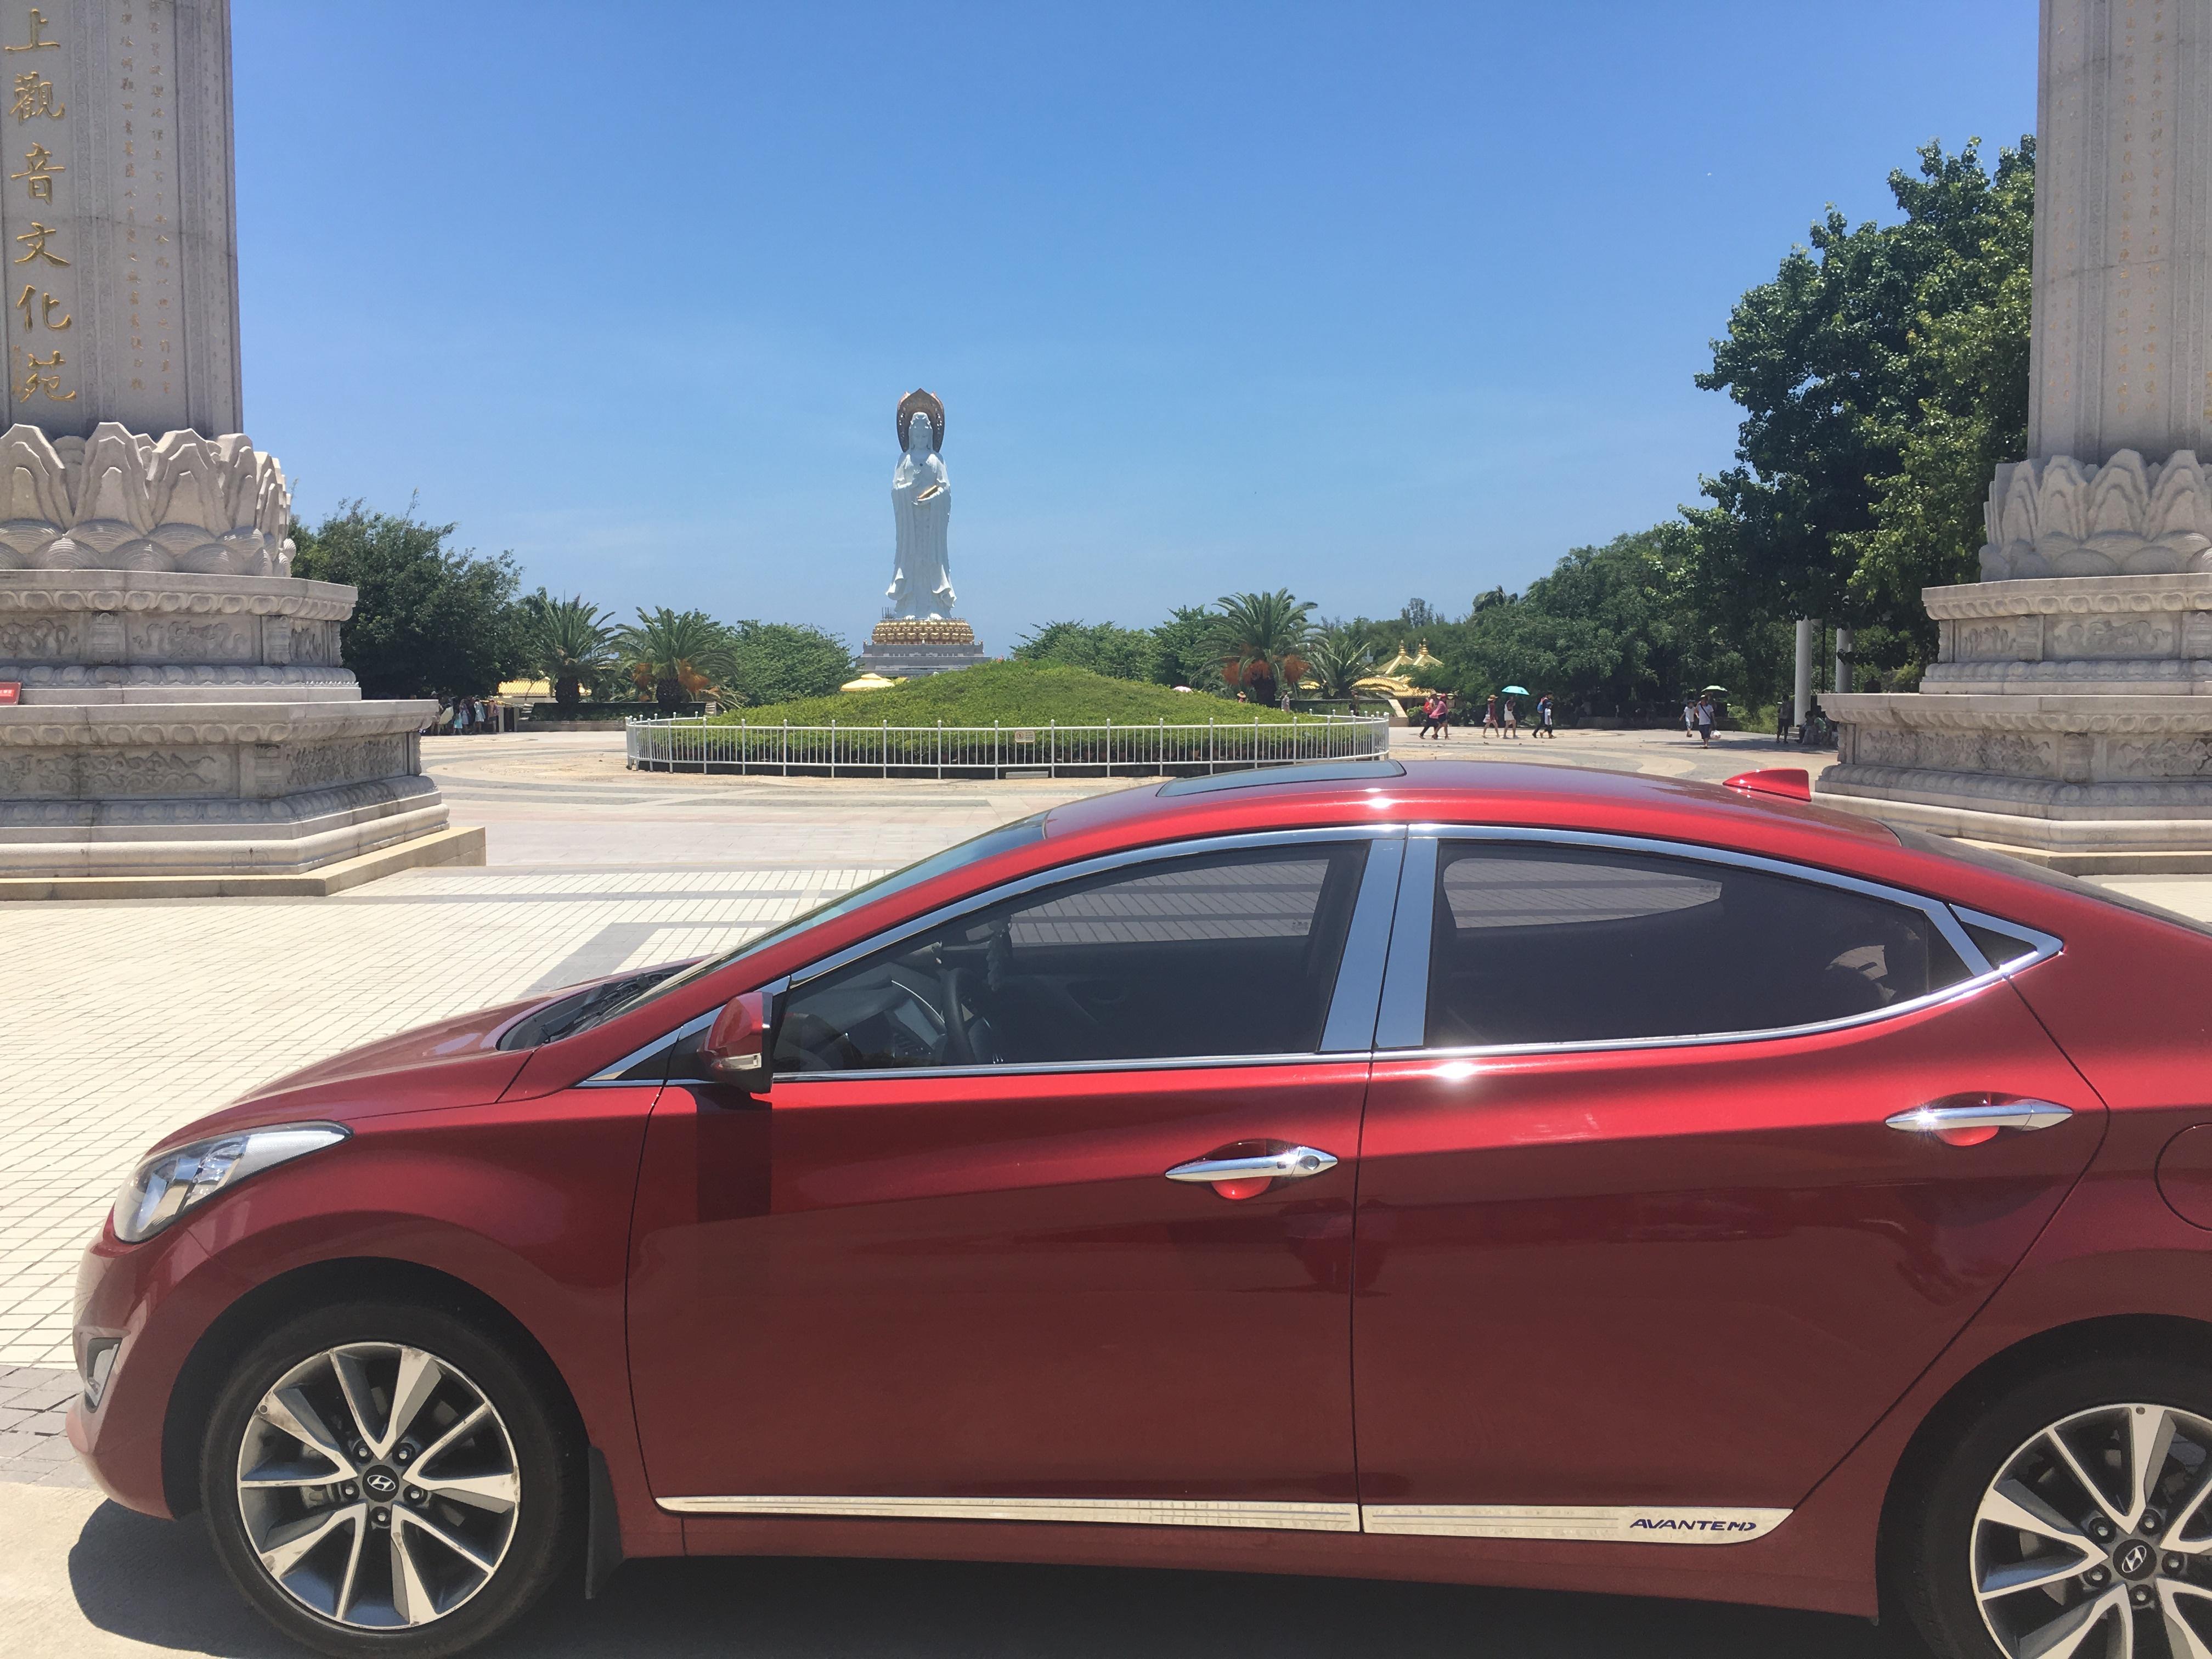 《全网销量第一》新车特价280一天,含车费,燃油,代驾费,停车费,过路费。